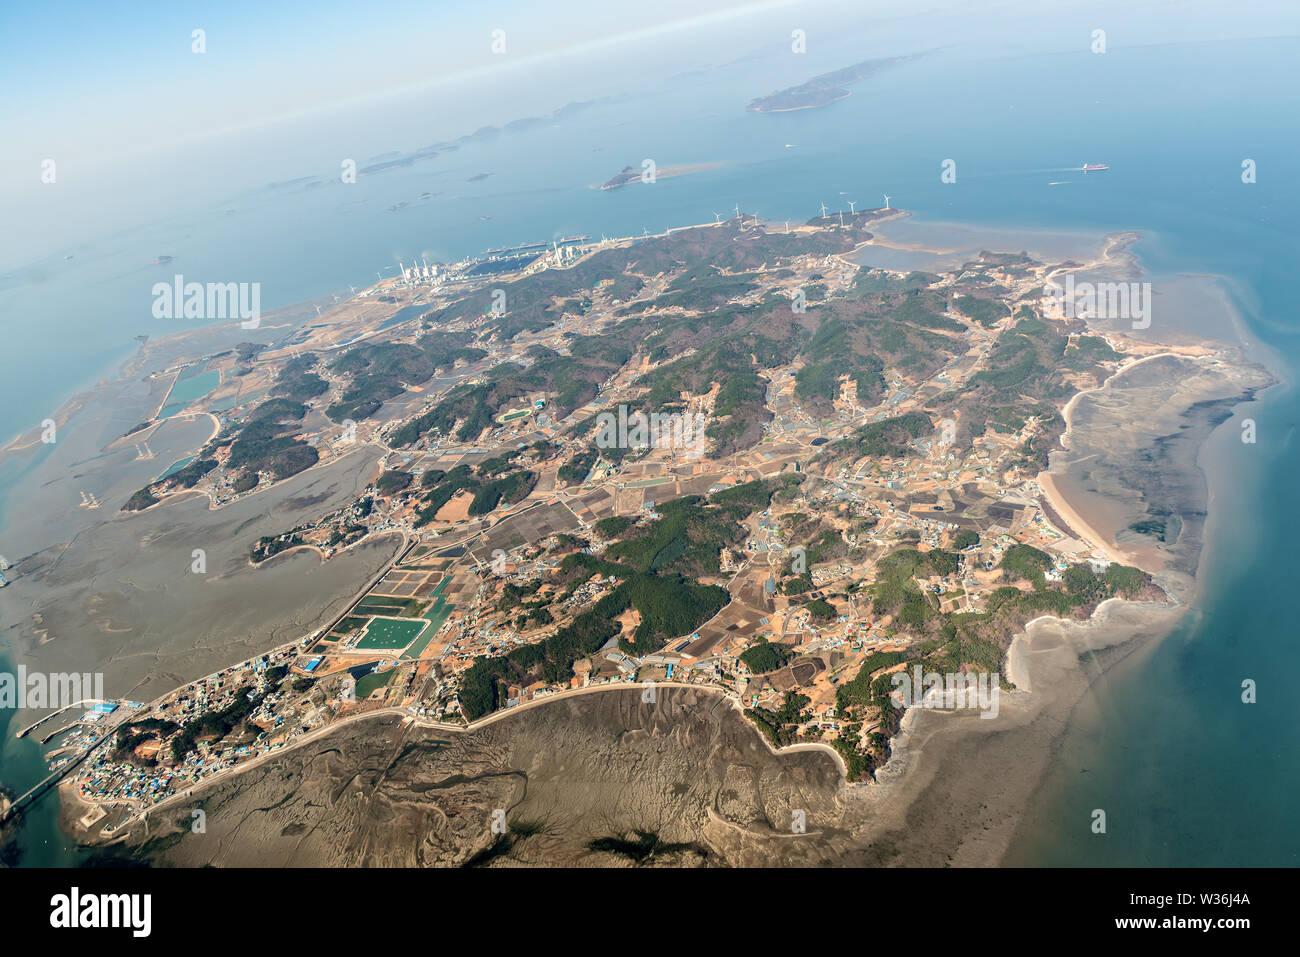 Vista aérea de la isla Yeongheung, en el Mar Amarillo, dentro de los límites municipales de la ciudad metropolitana de Incheon, Corea del Sur. Foto de stock